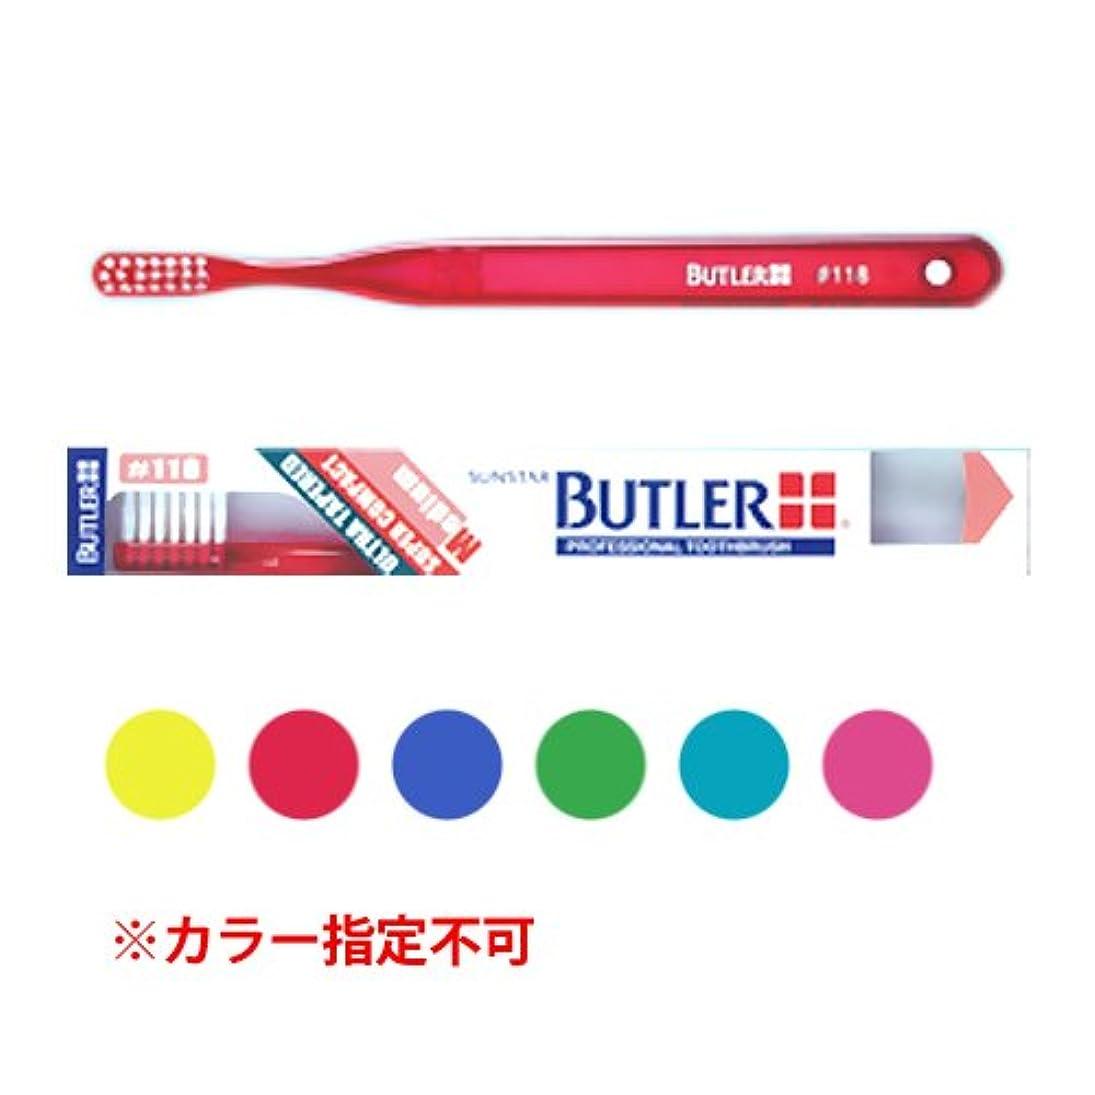 スカープ発疹補足バトラー 歯ブラシ 1本 #118